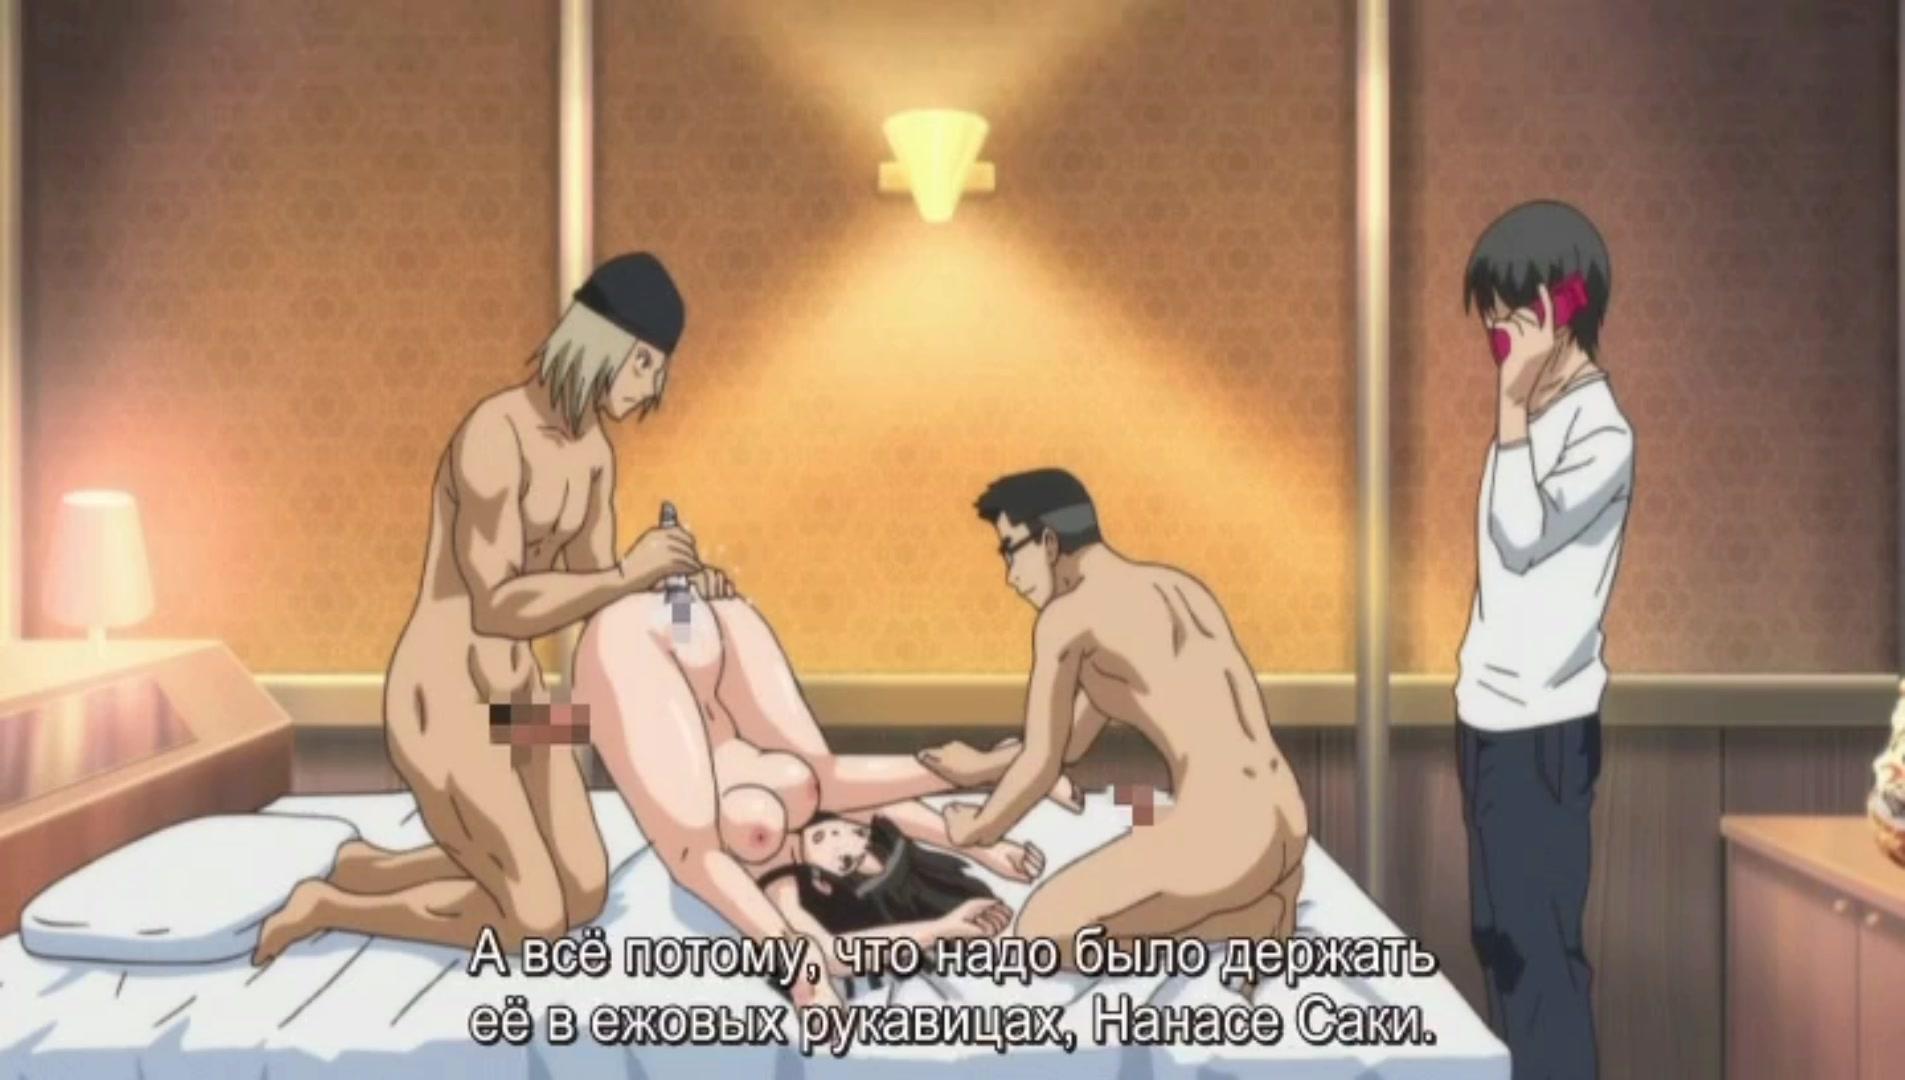 сериалы смотреть аниме порно